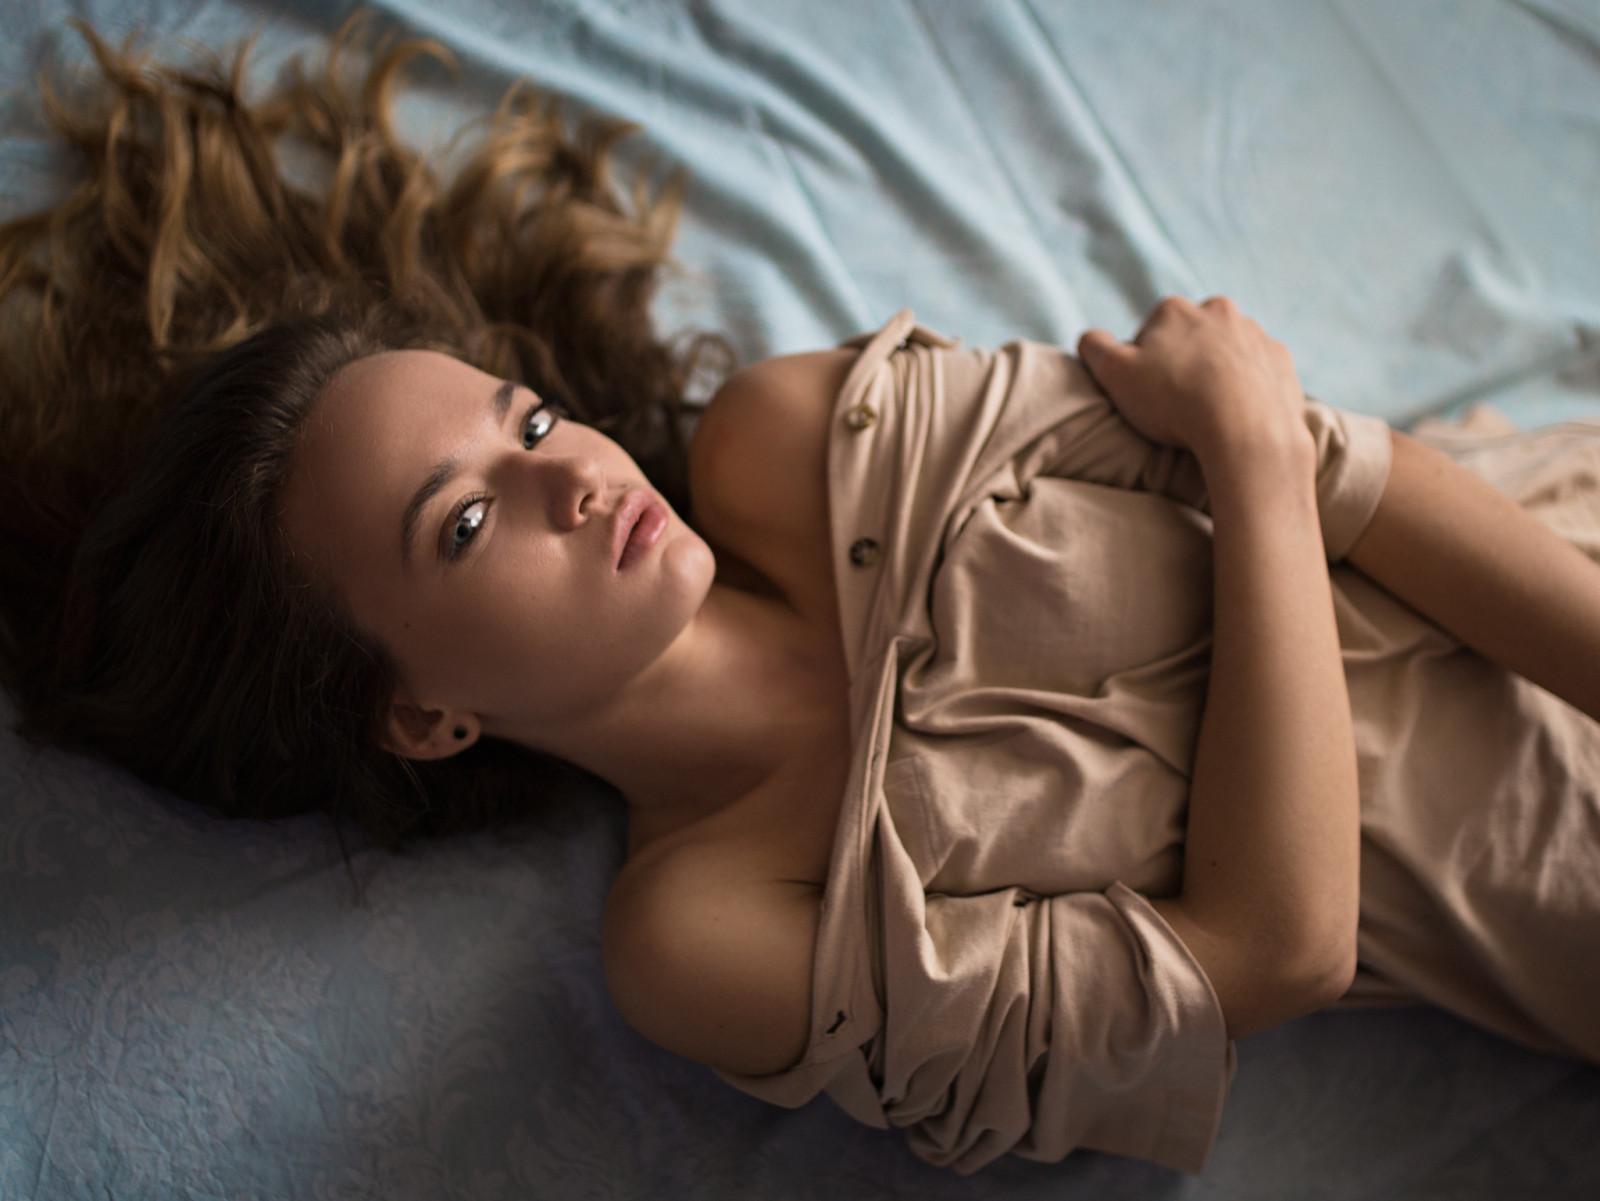 оценивайте, делитесь мокрые девушки на кровати мастурбация является спонтанной